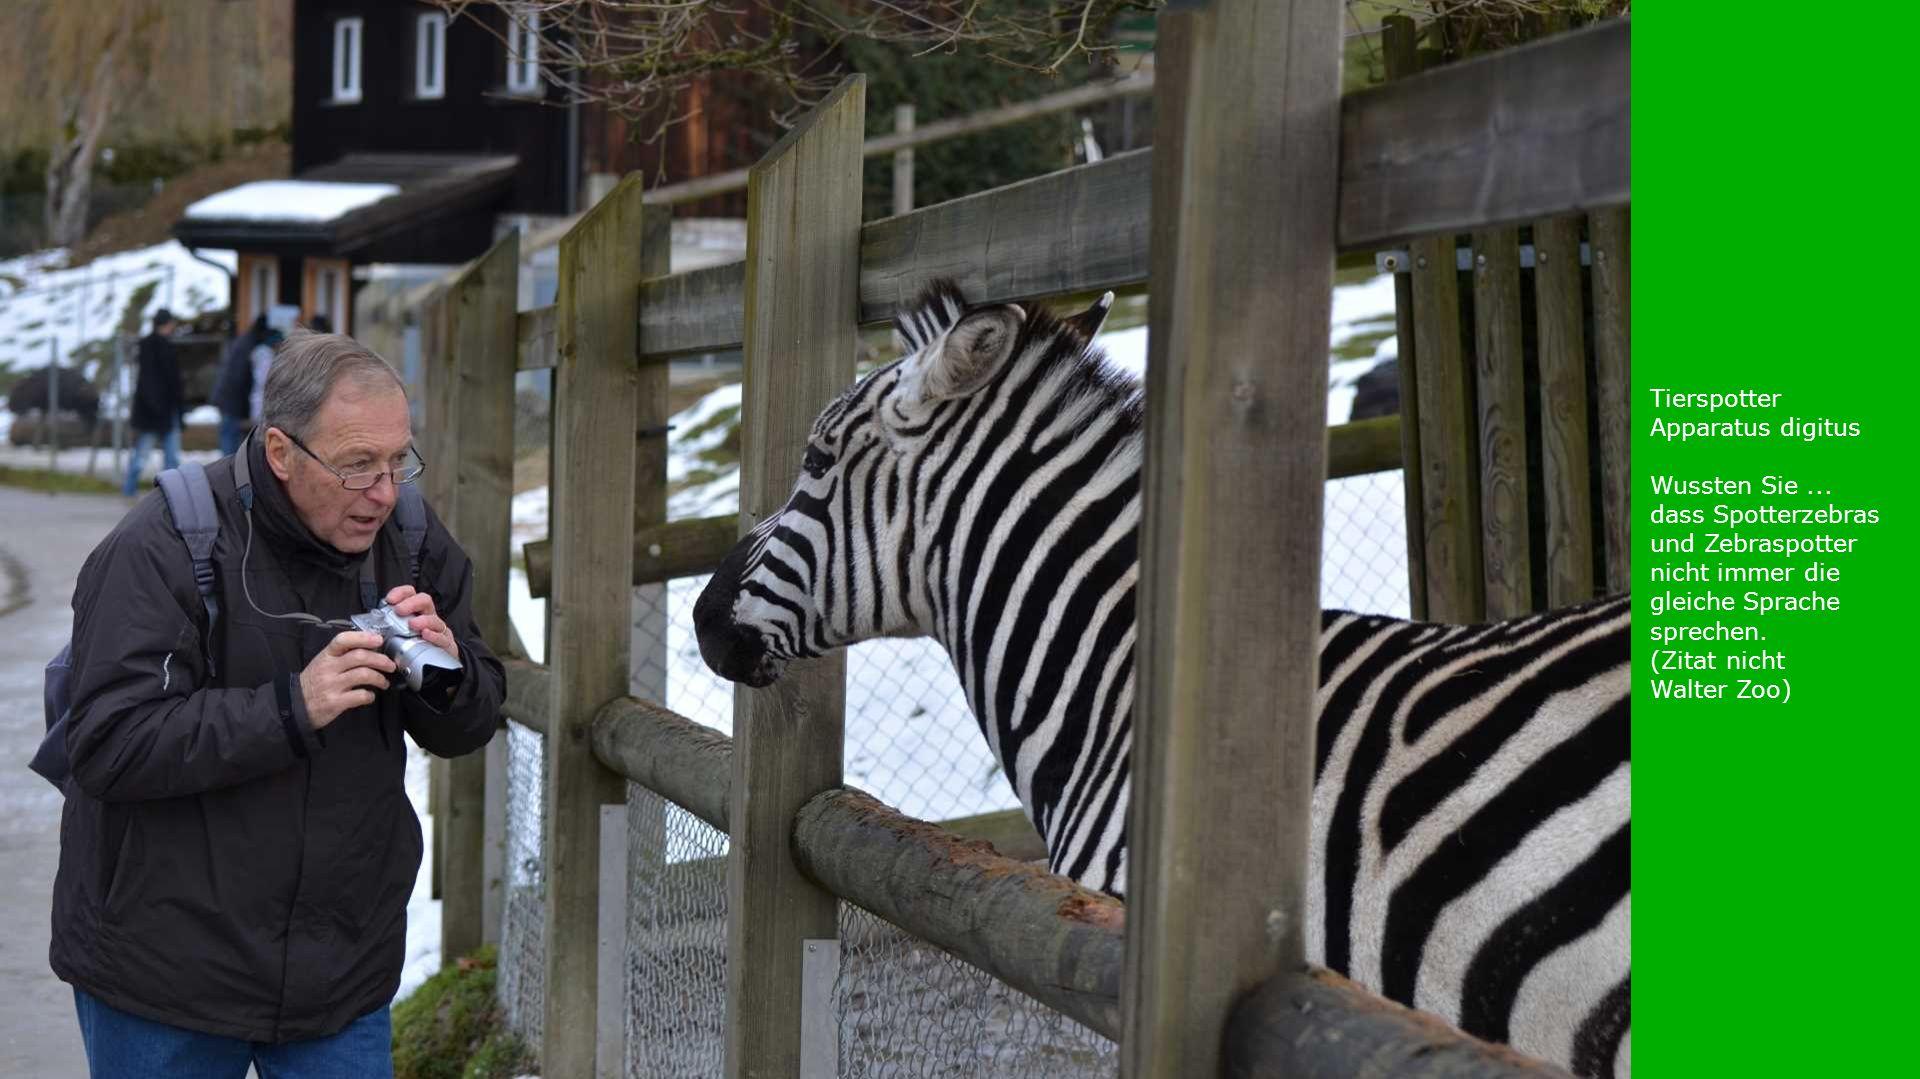 Tierspotter Apparatus digitus Wussten Sie... dass Spotterzebras und Zebraspotter nicht immer die gleiche Sprache sprechen. (Zitat nicht Walter Zoo)